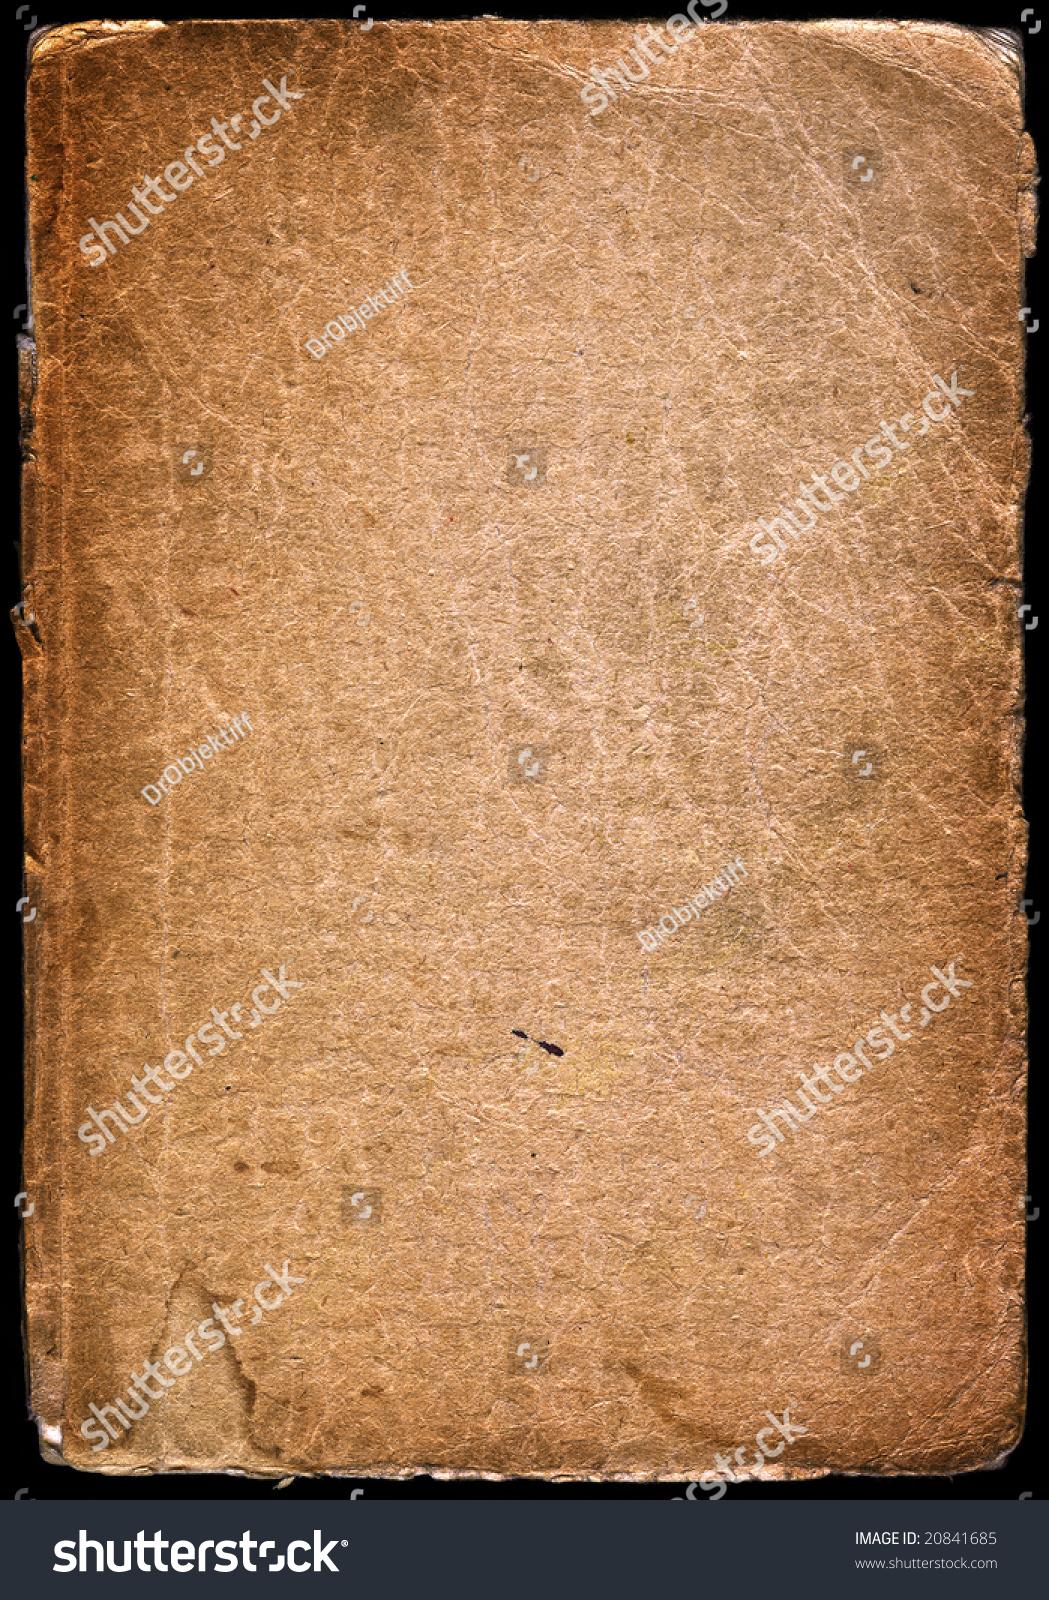 古董牛皮纸与颗粒状表面-背景/素材,复古风格-海洛()